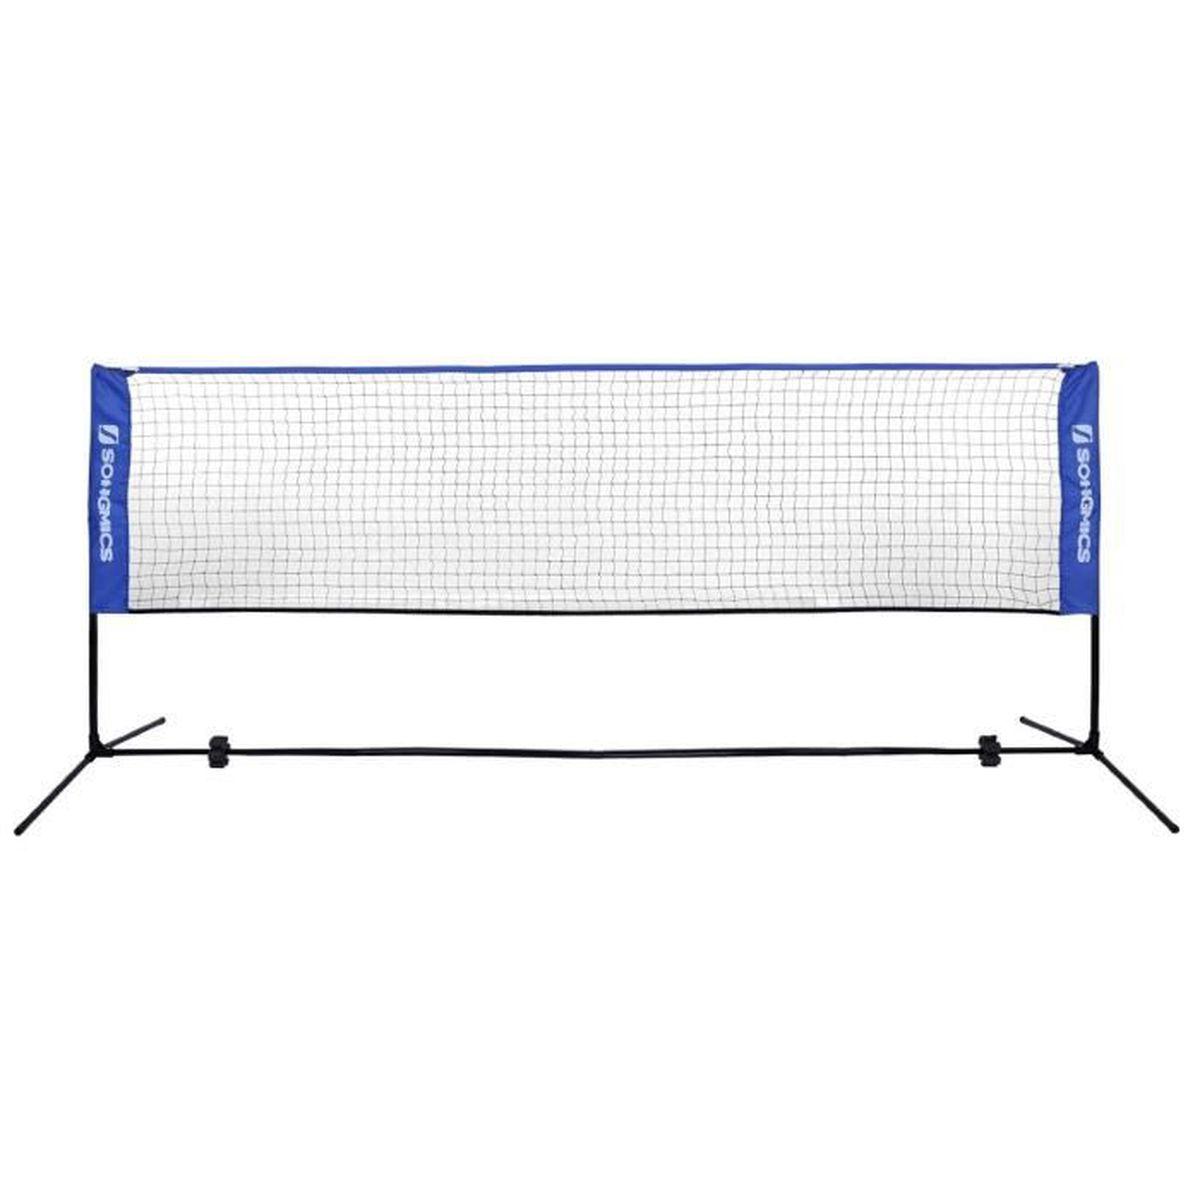 400 X 155 X 103 Cm Filet De Loisirs Réglable En Hauteur, Filet De Badminton, Volley-Ball, Tennis, Avec Pied